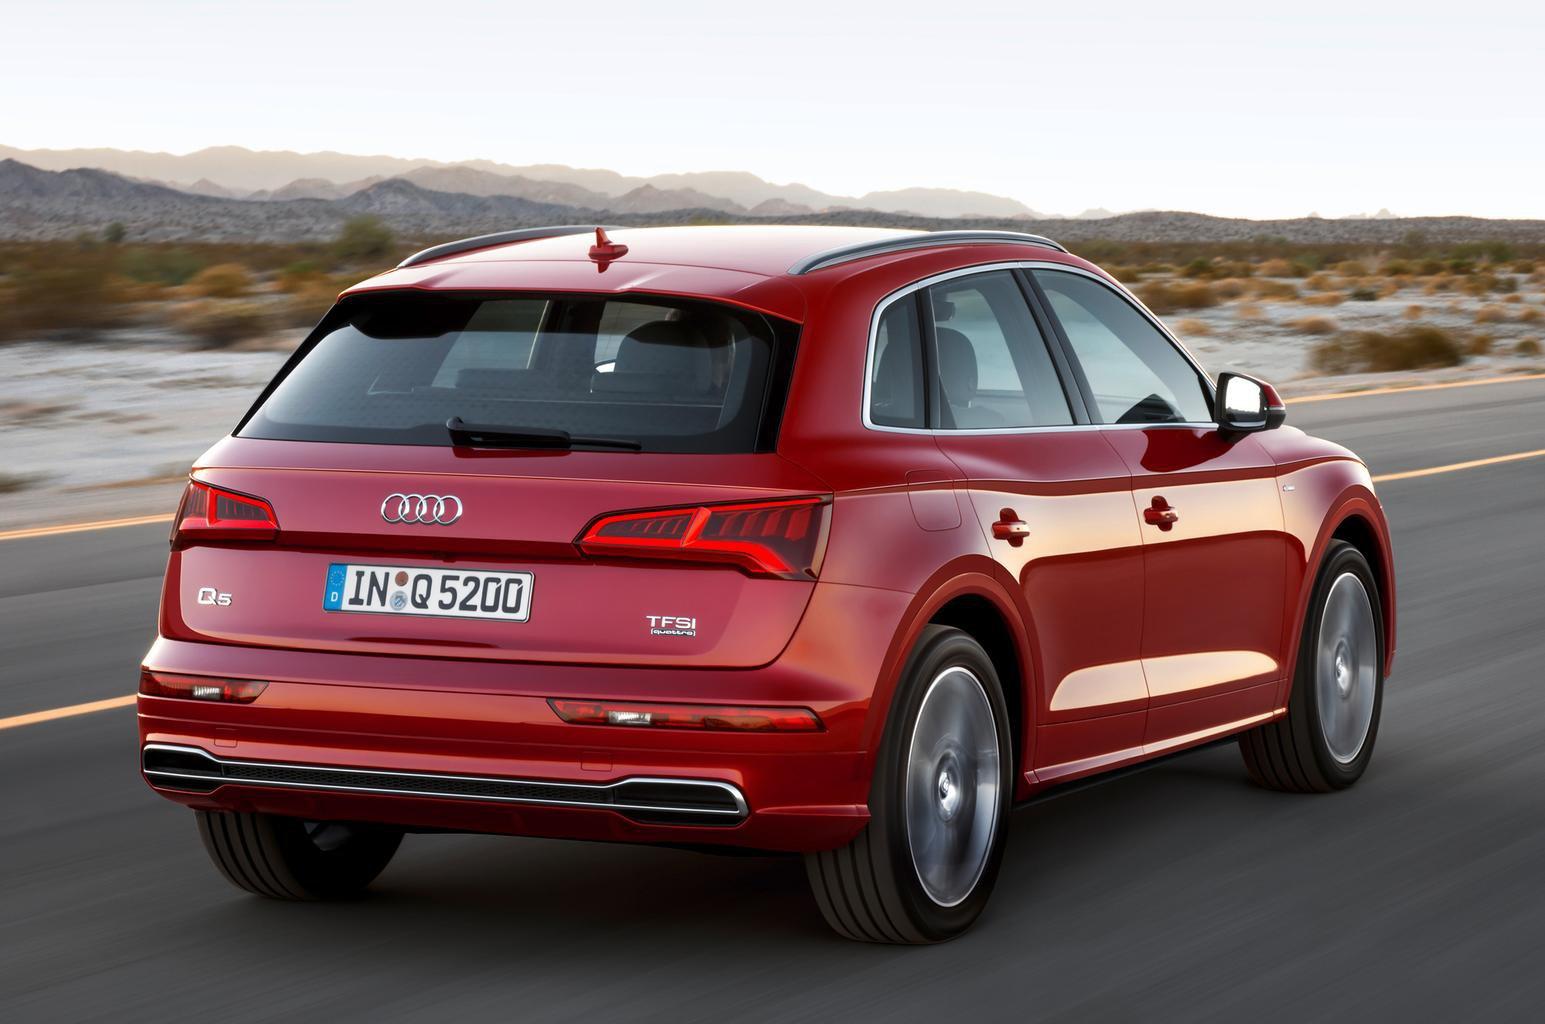 2017 Audi Q5 revealed at Paris motor show - plus video